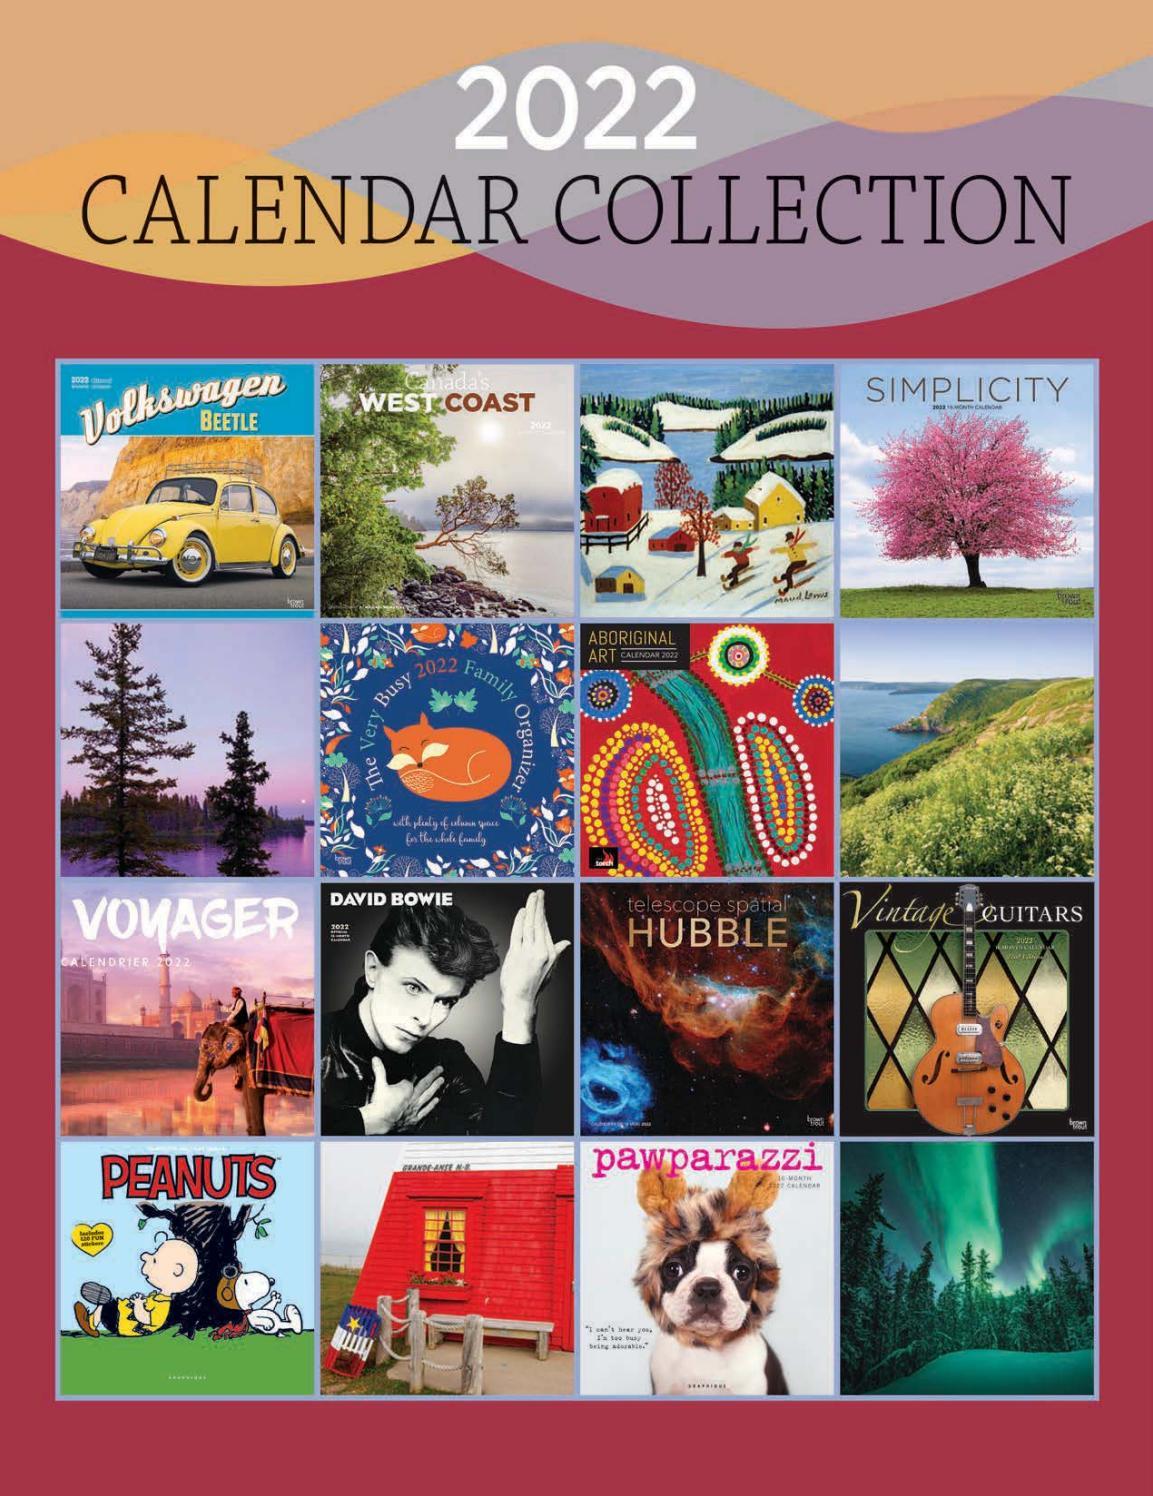 Calendrier 2022 Paris 1 2022 Calendar Collection   BrownTrout Publishers Ltd. by Michael